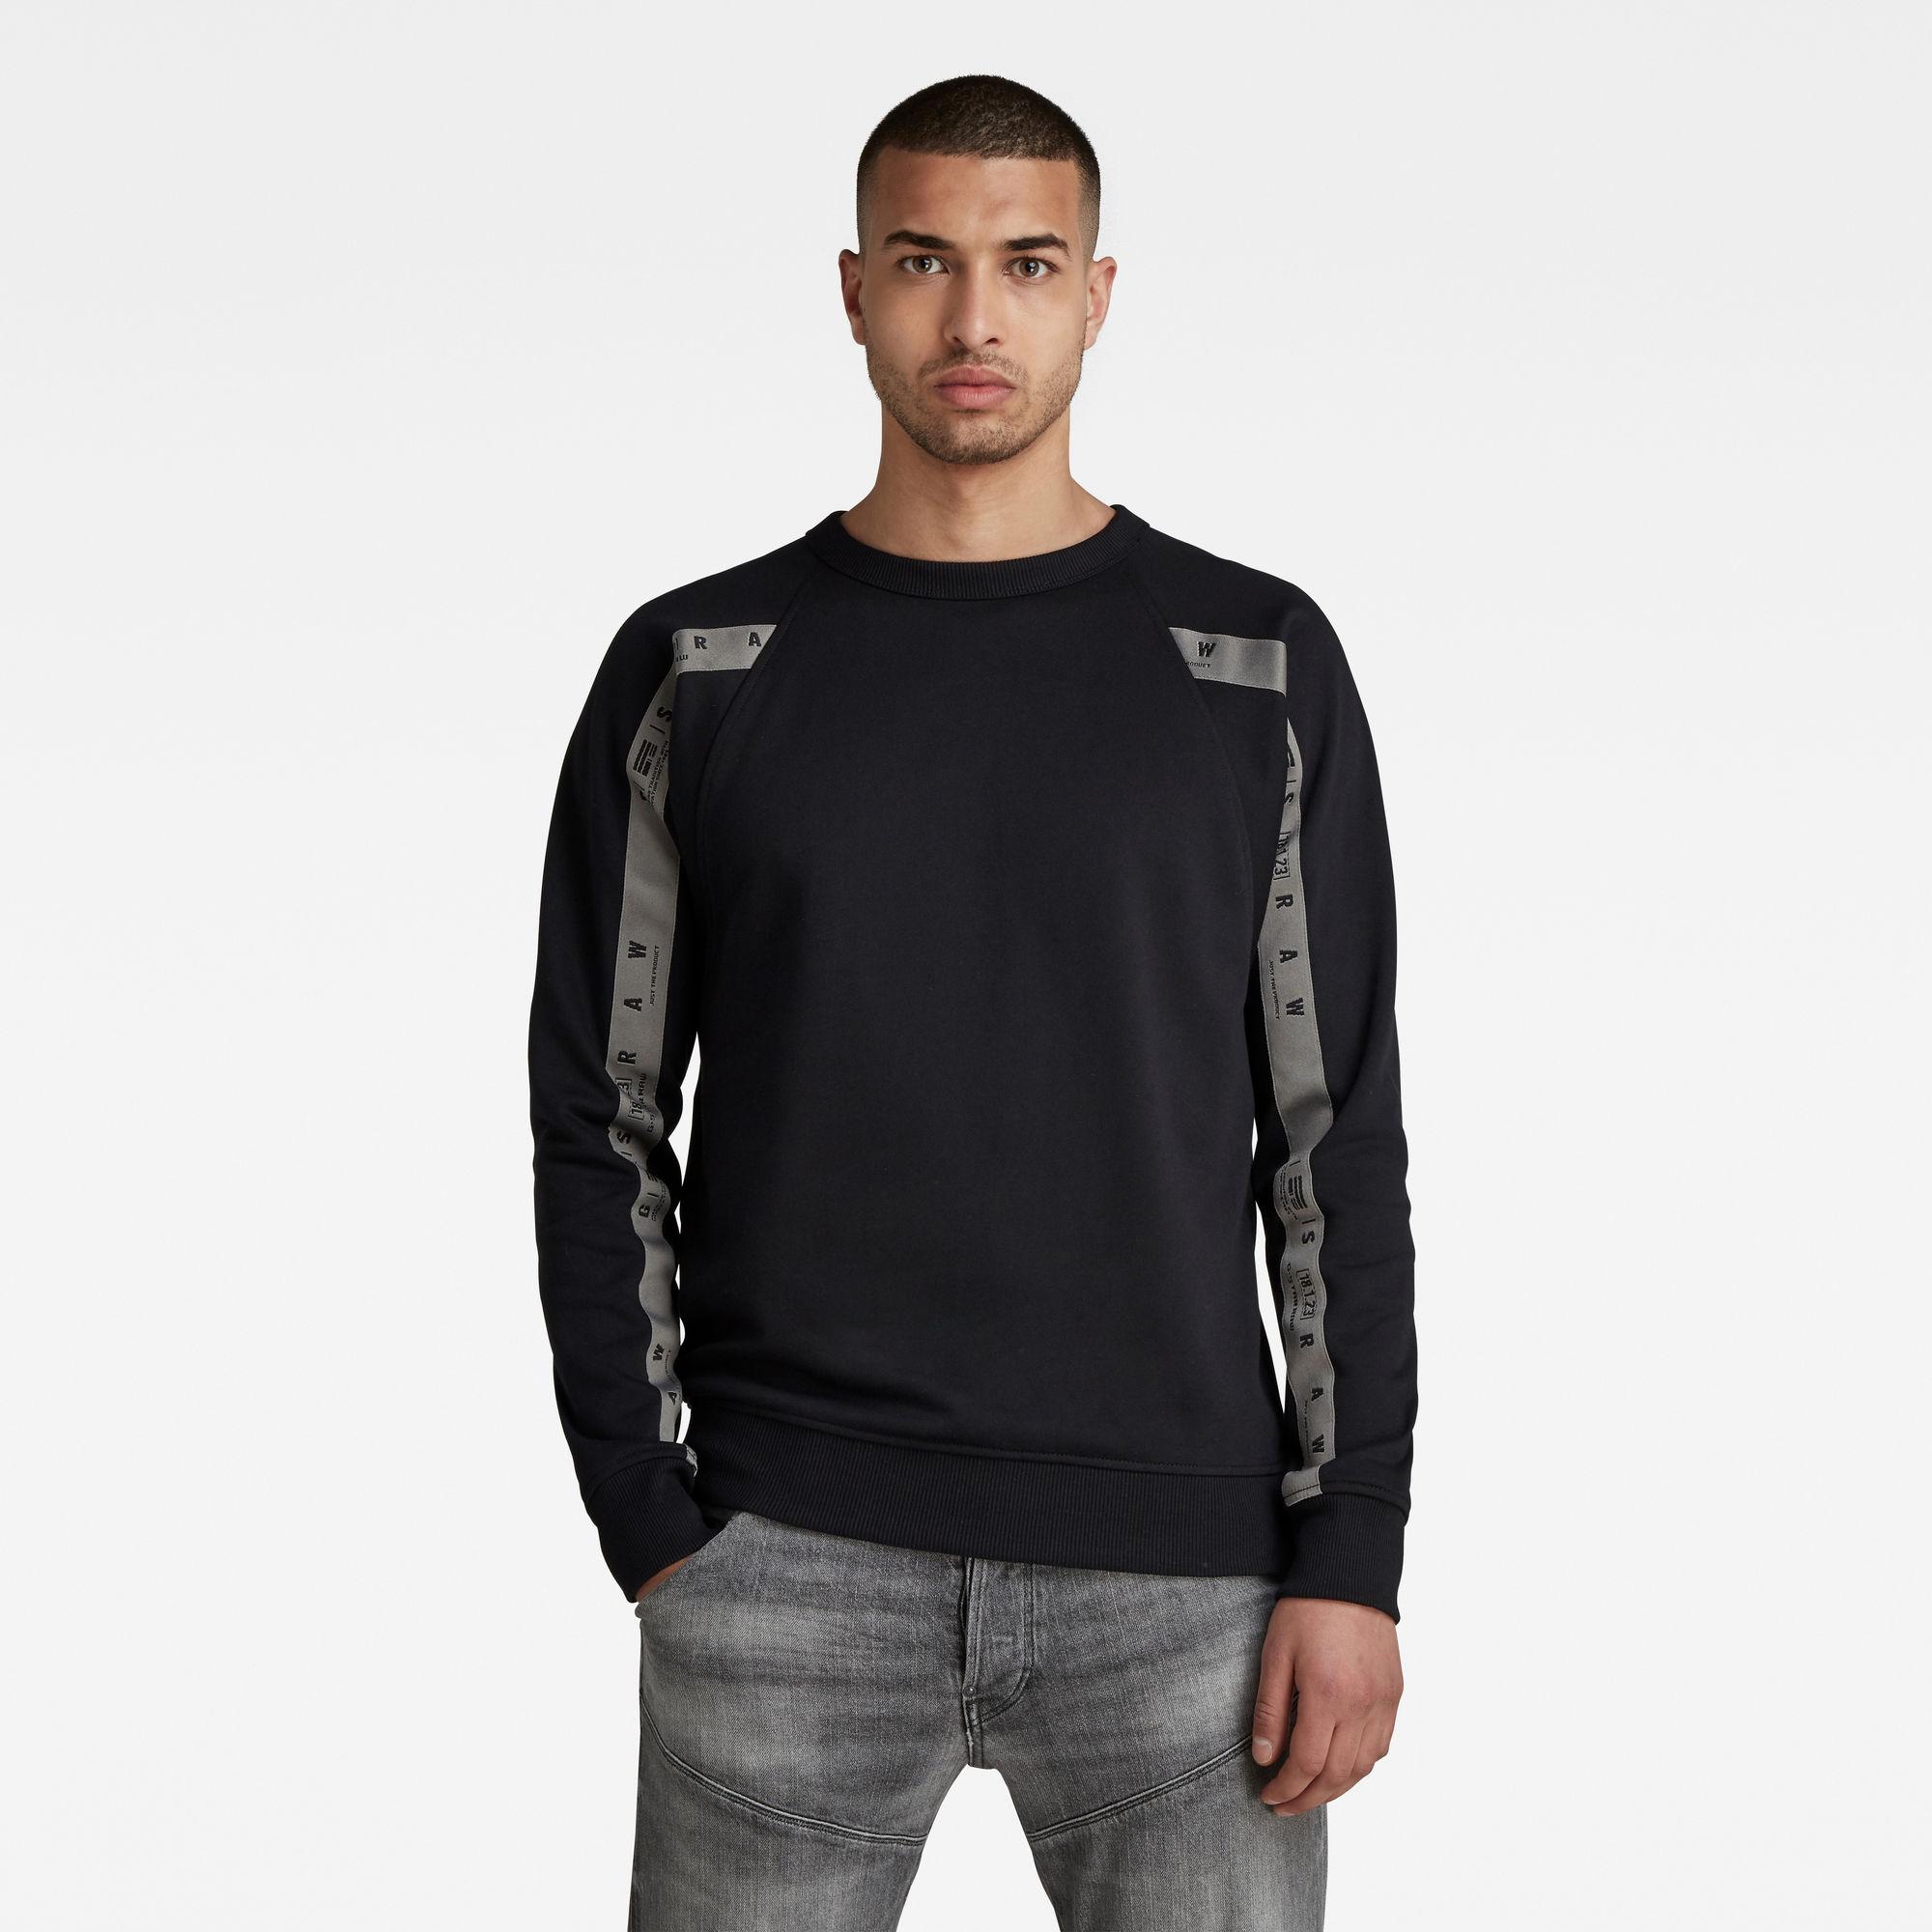 G-Star RAW Heren Raglan Taping Sweater Zwart